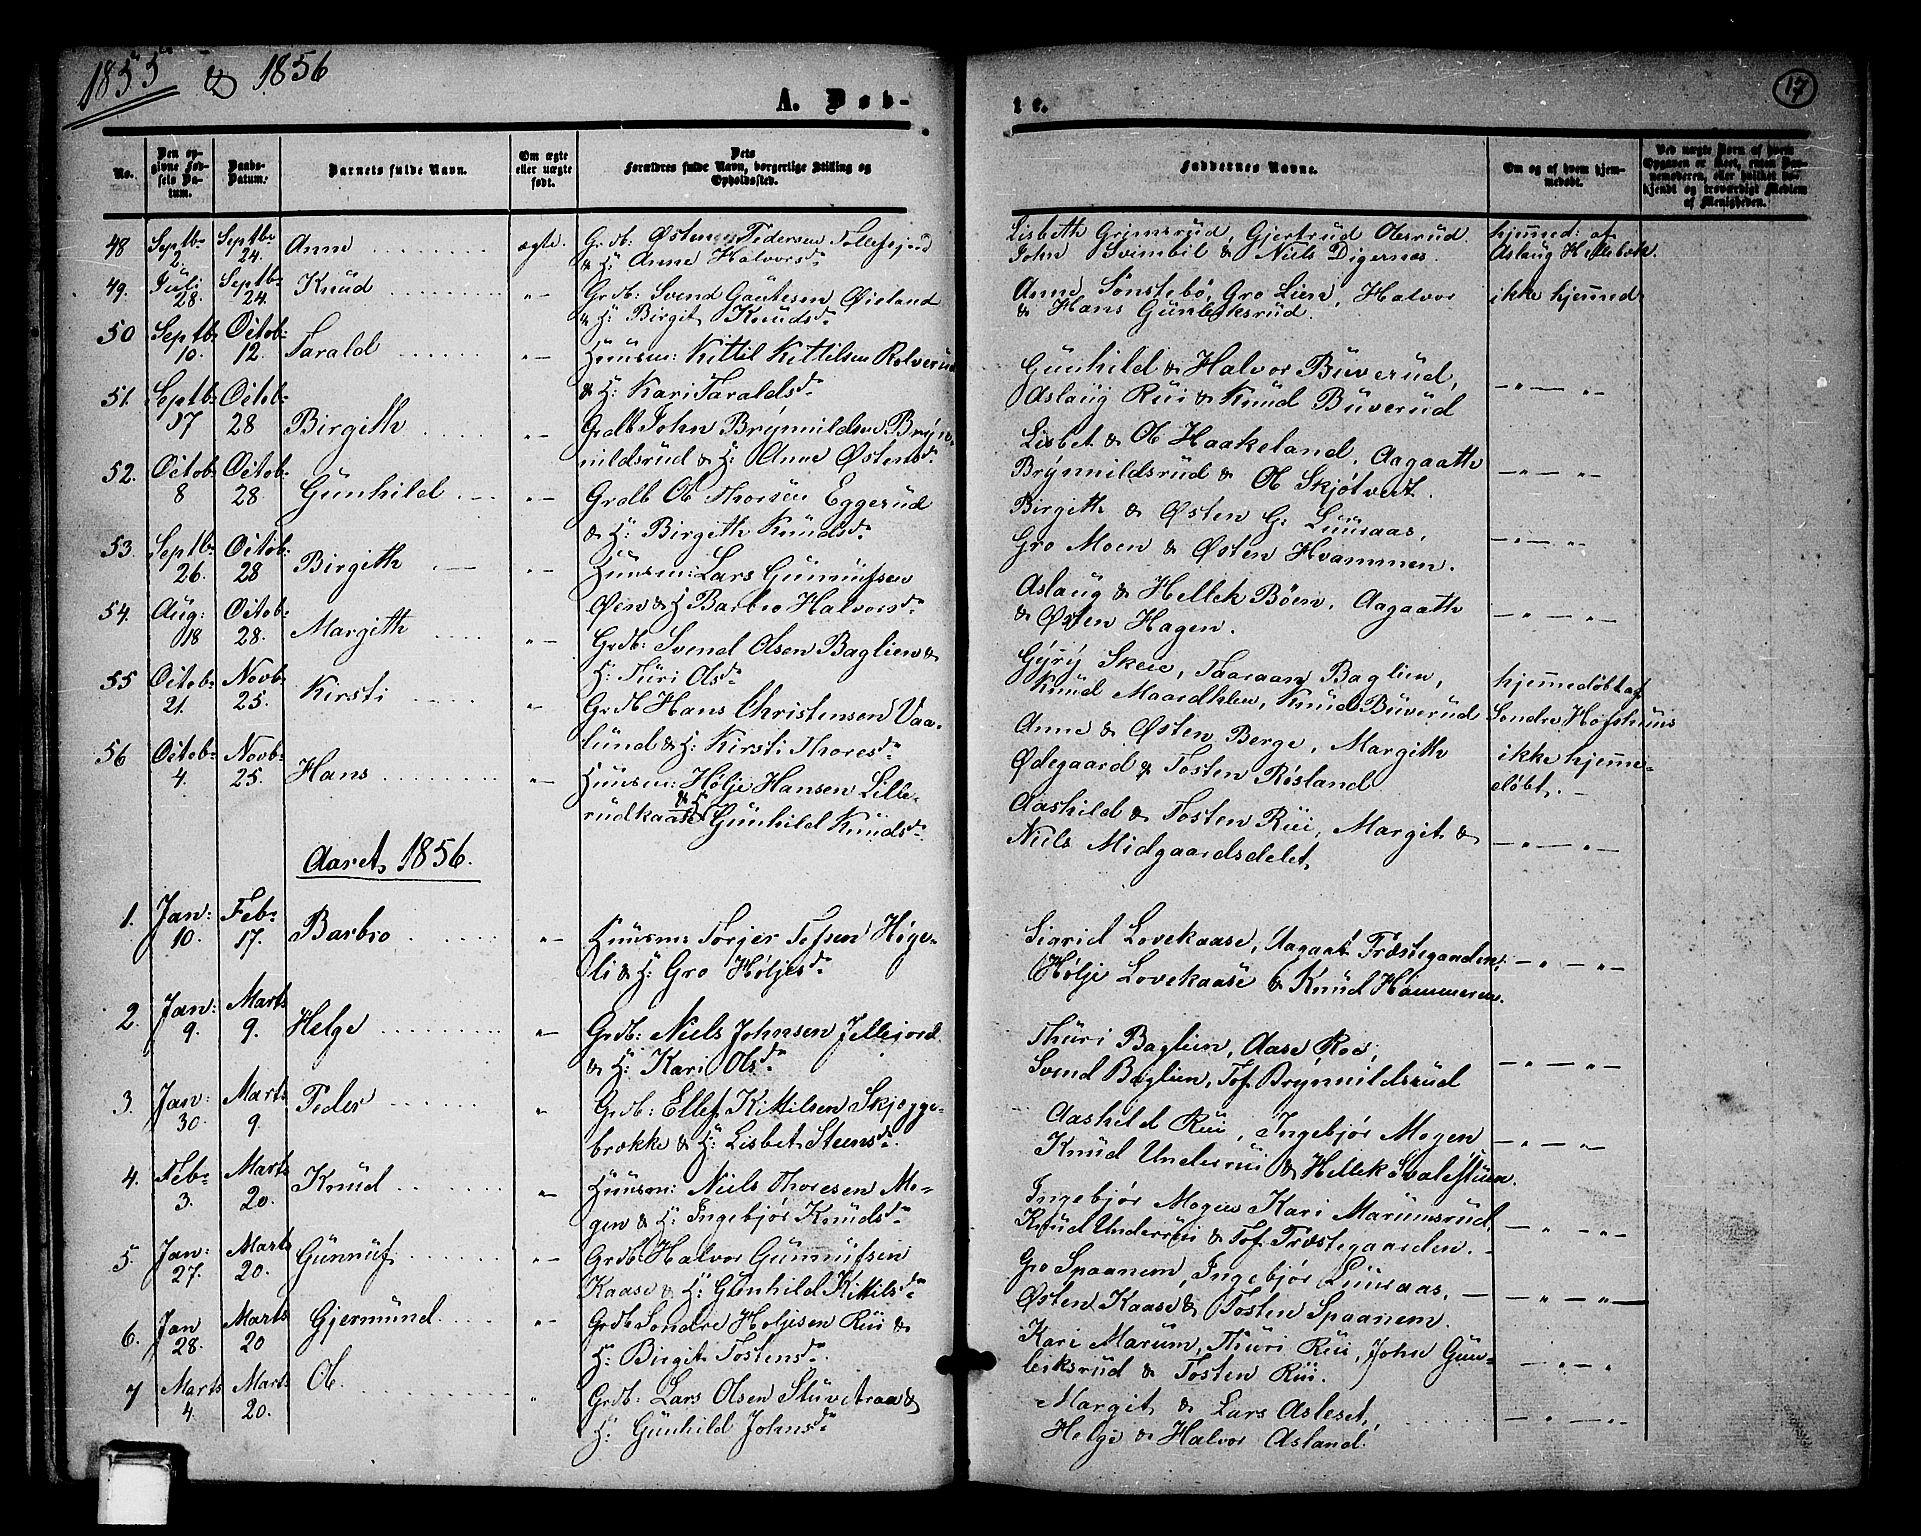 SAKO, Tinn kirkebøker, G/Ga/L0002: Klokkerbok nr. I 2, 1851-1883, s. 17